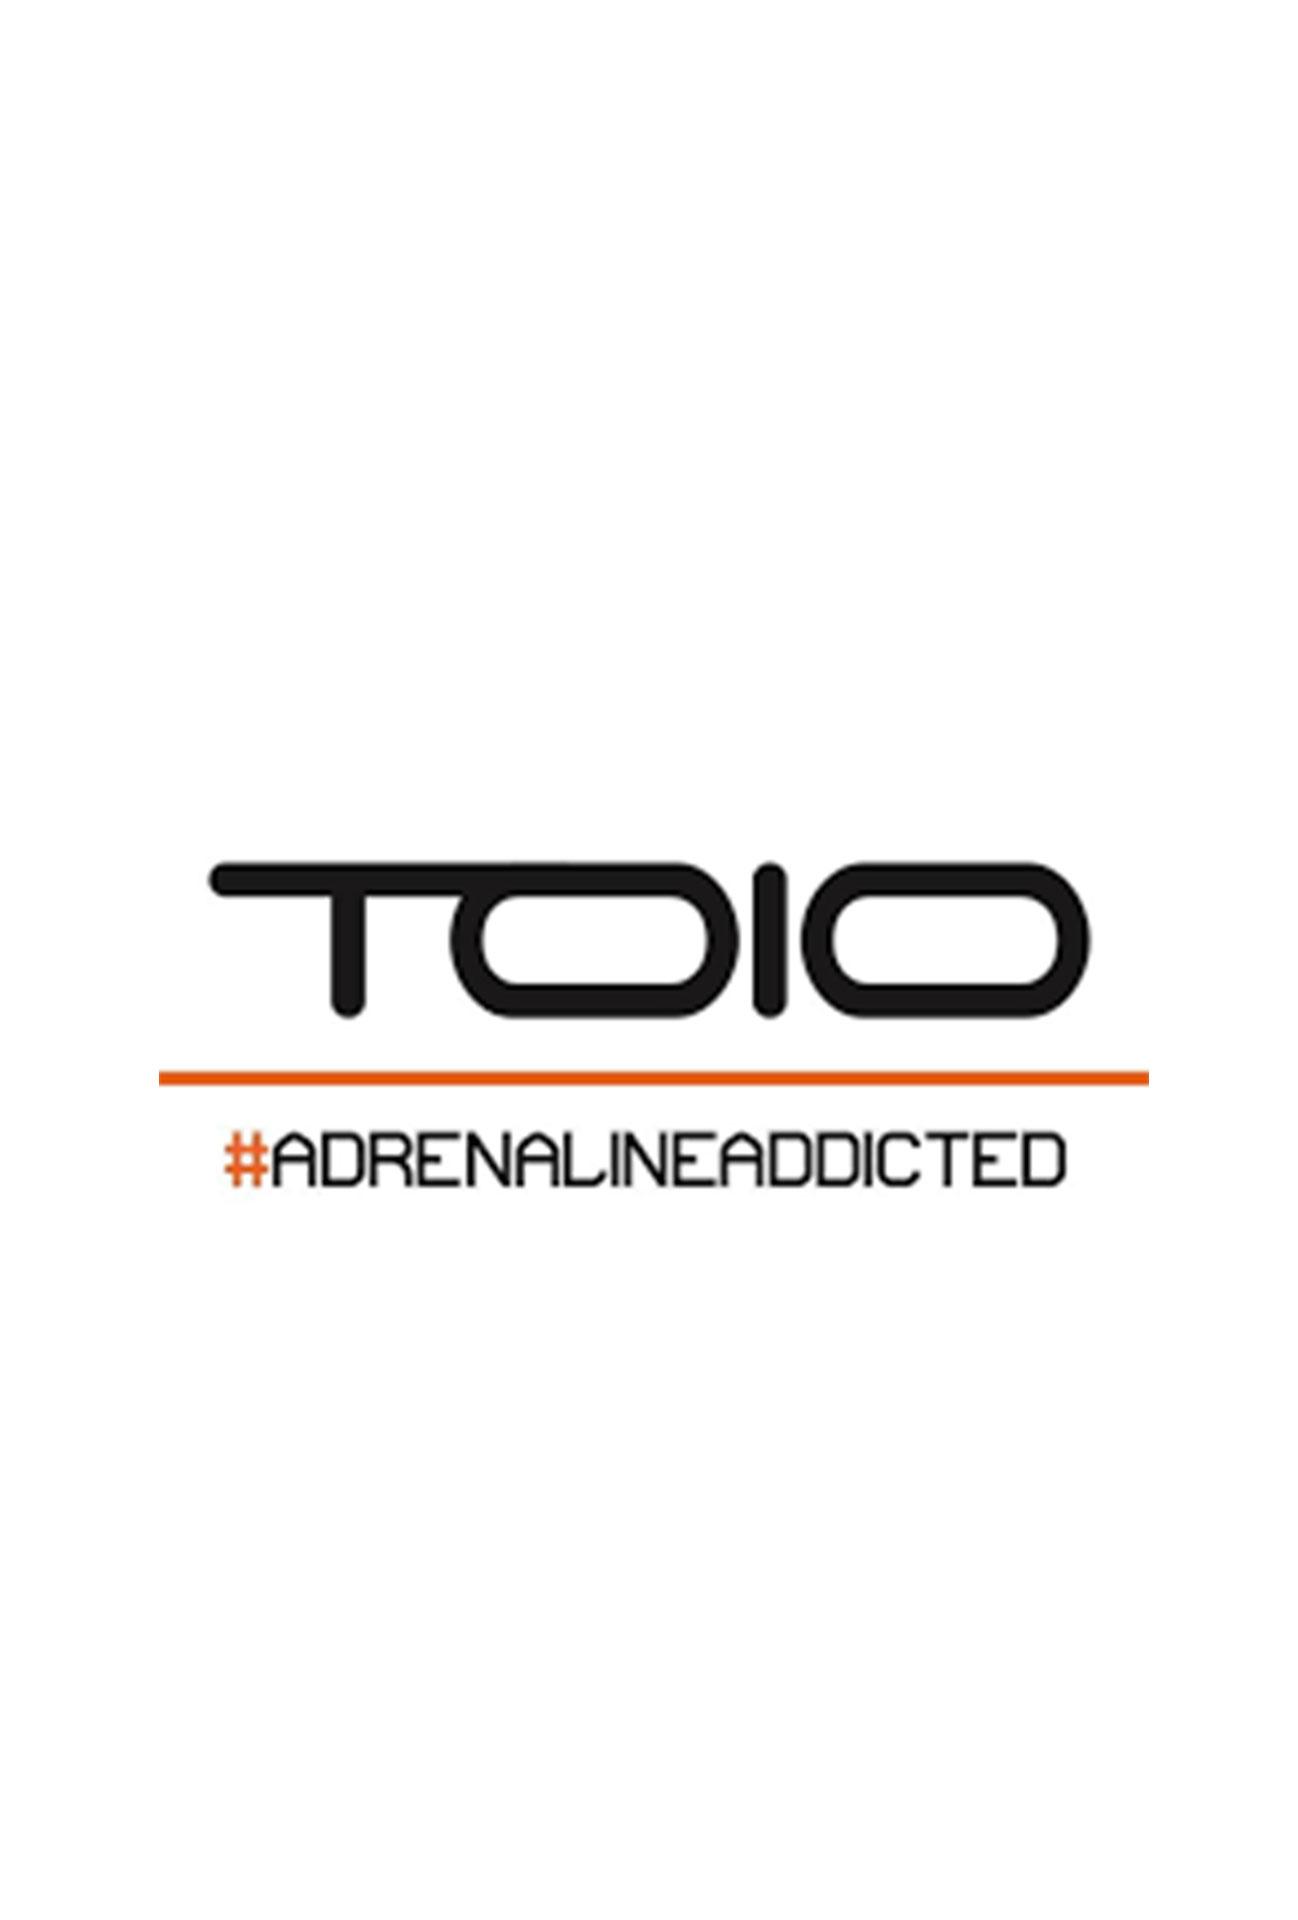 toio_p